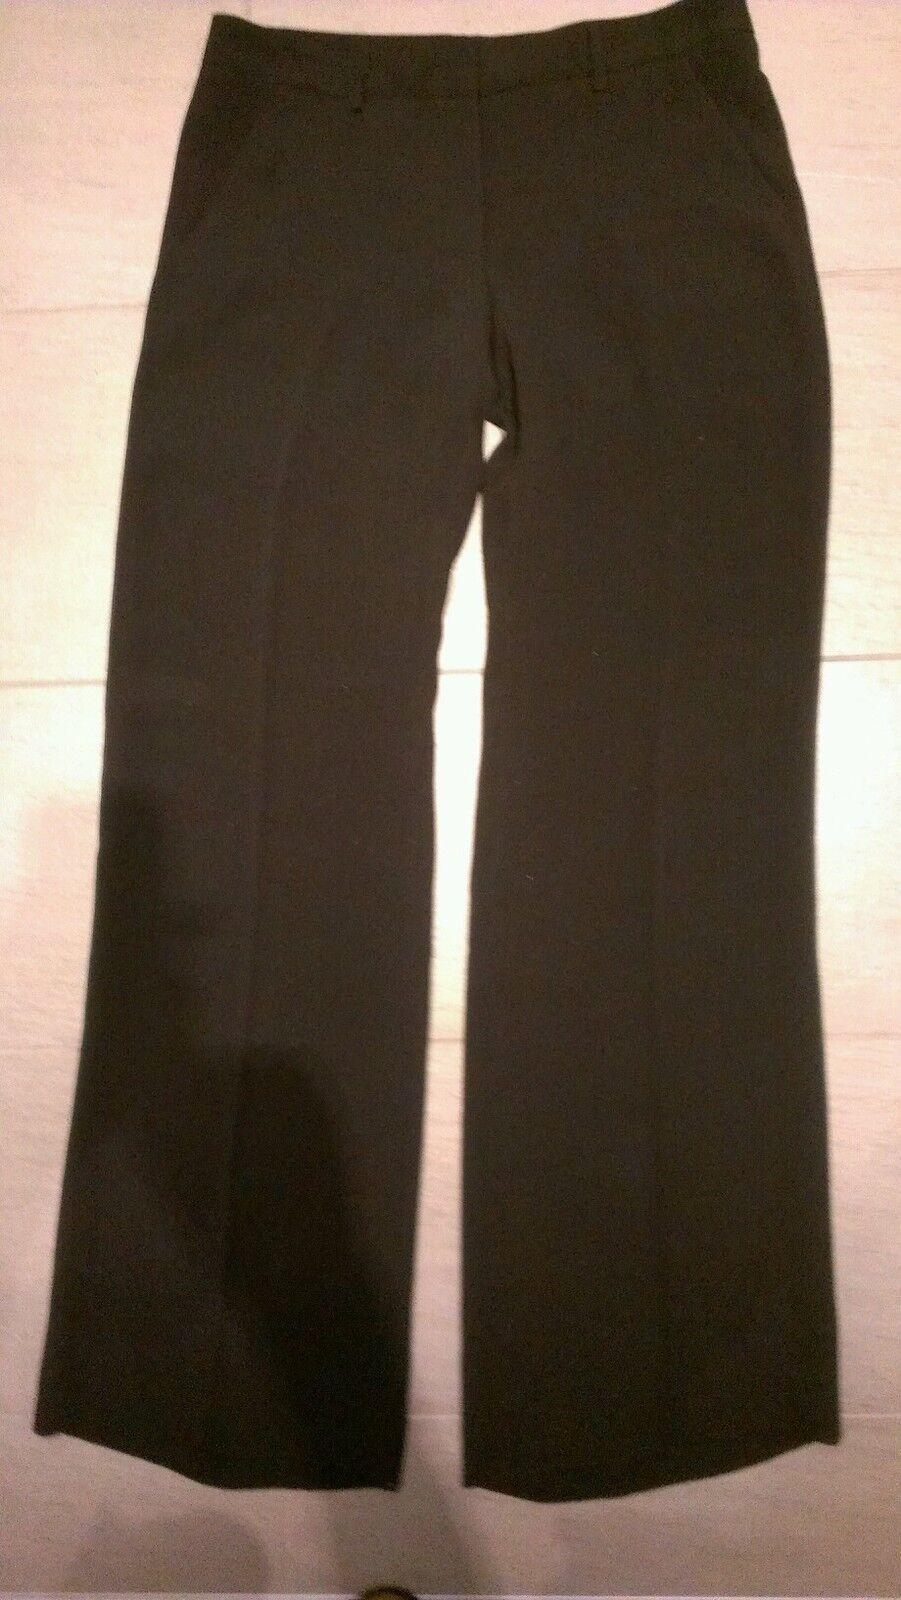 Exte Hose 100% Seide Schwarz Gr.40 bis 42 Neu Luxus, extra lang 116 cm